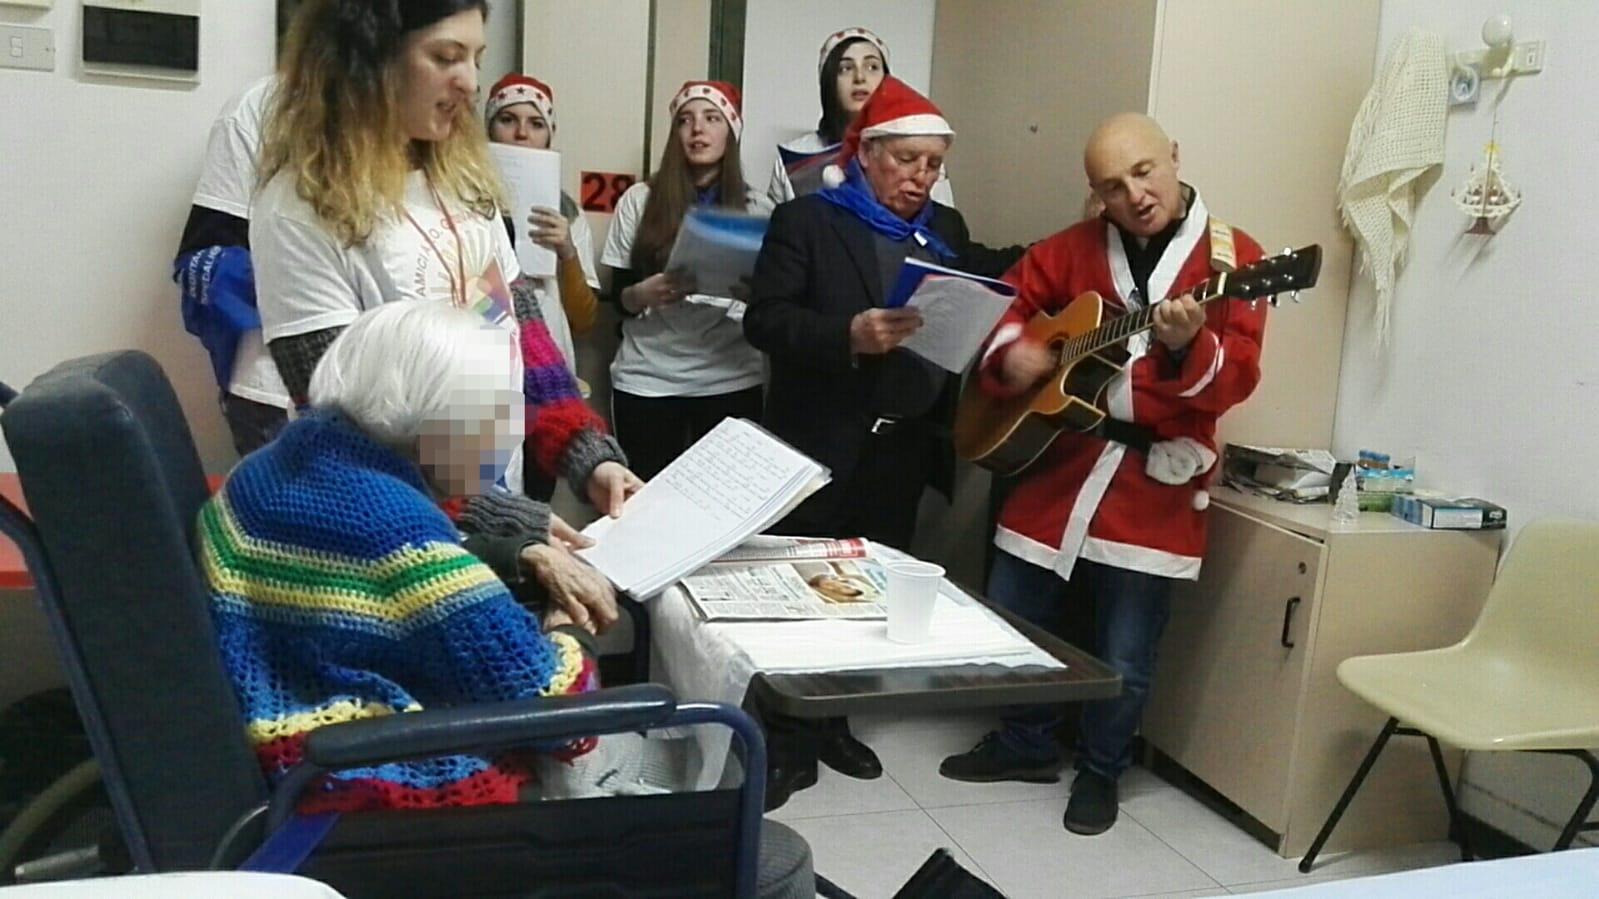 Feste trascorse con il sorriso per i pazienti del Veneziale e della Gea Medica grazie ai volontari dell'Avo.